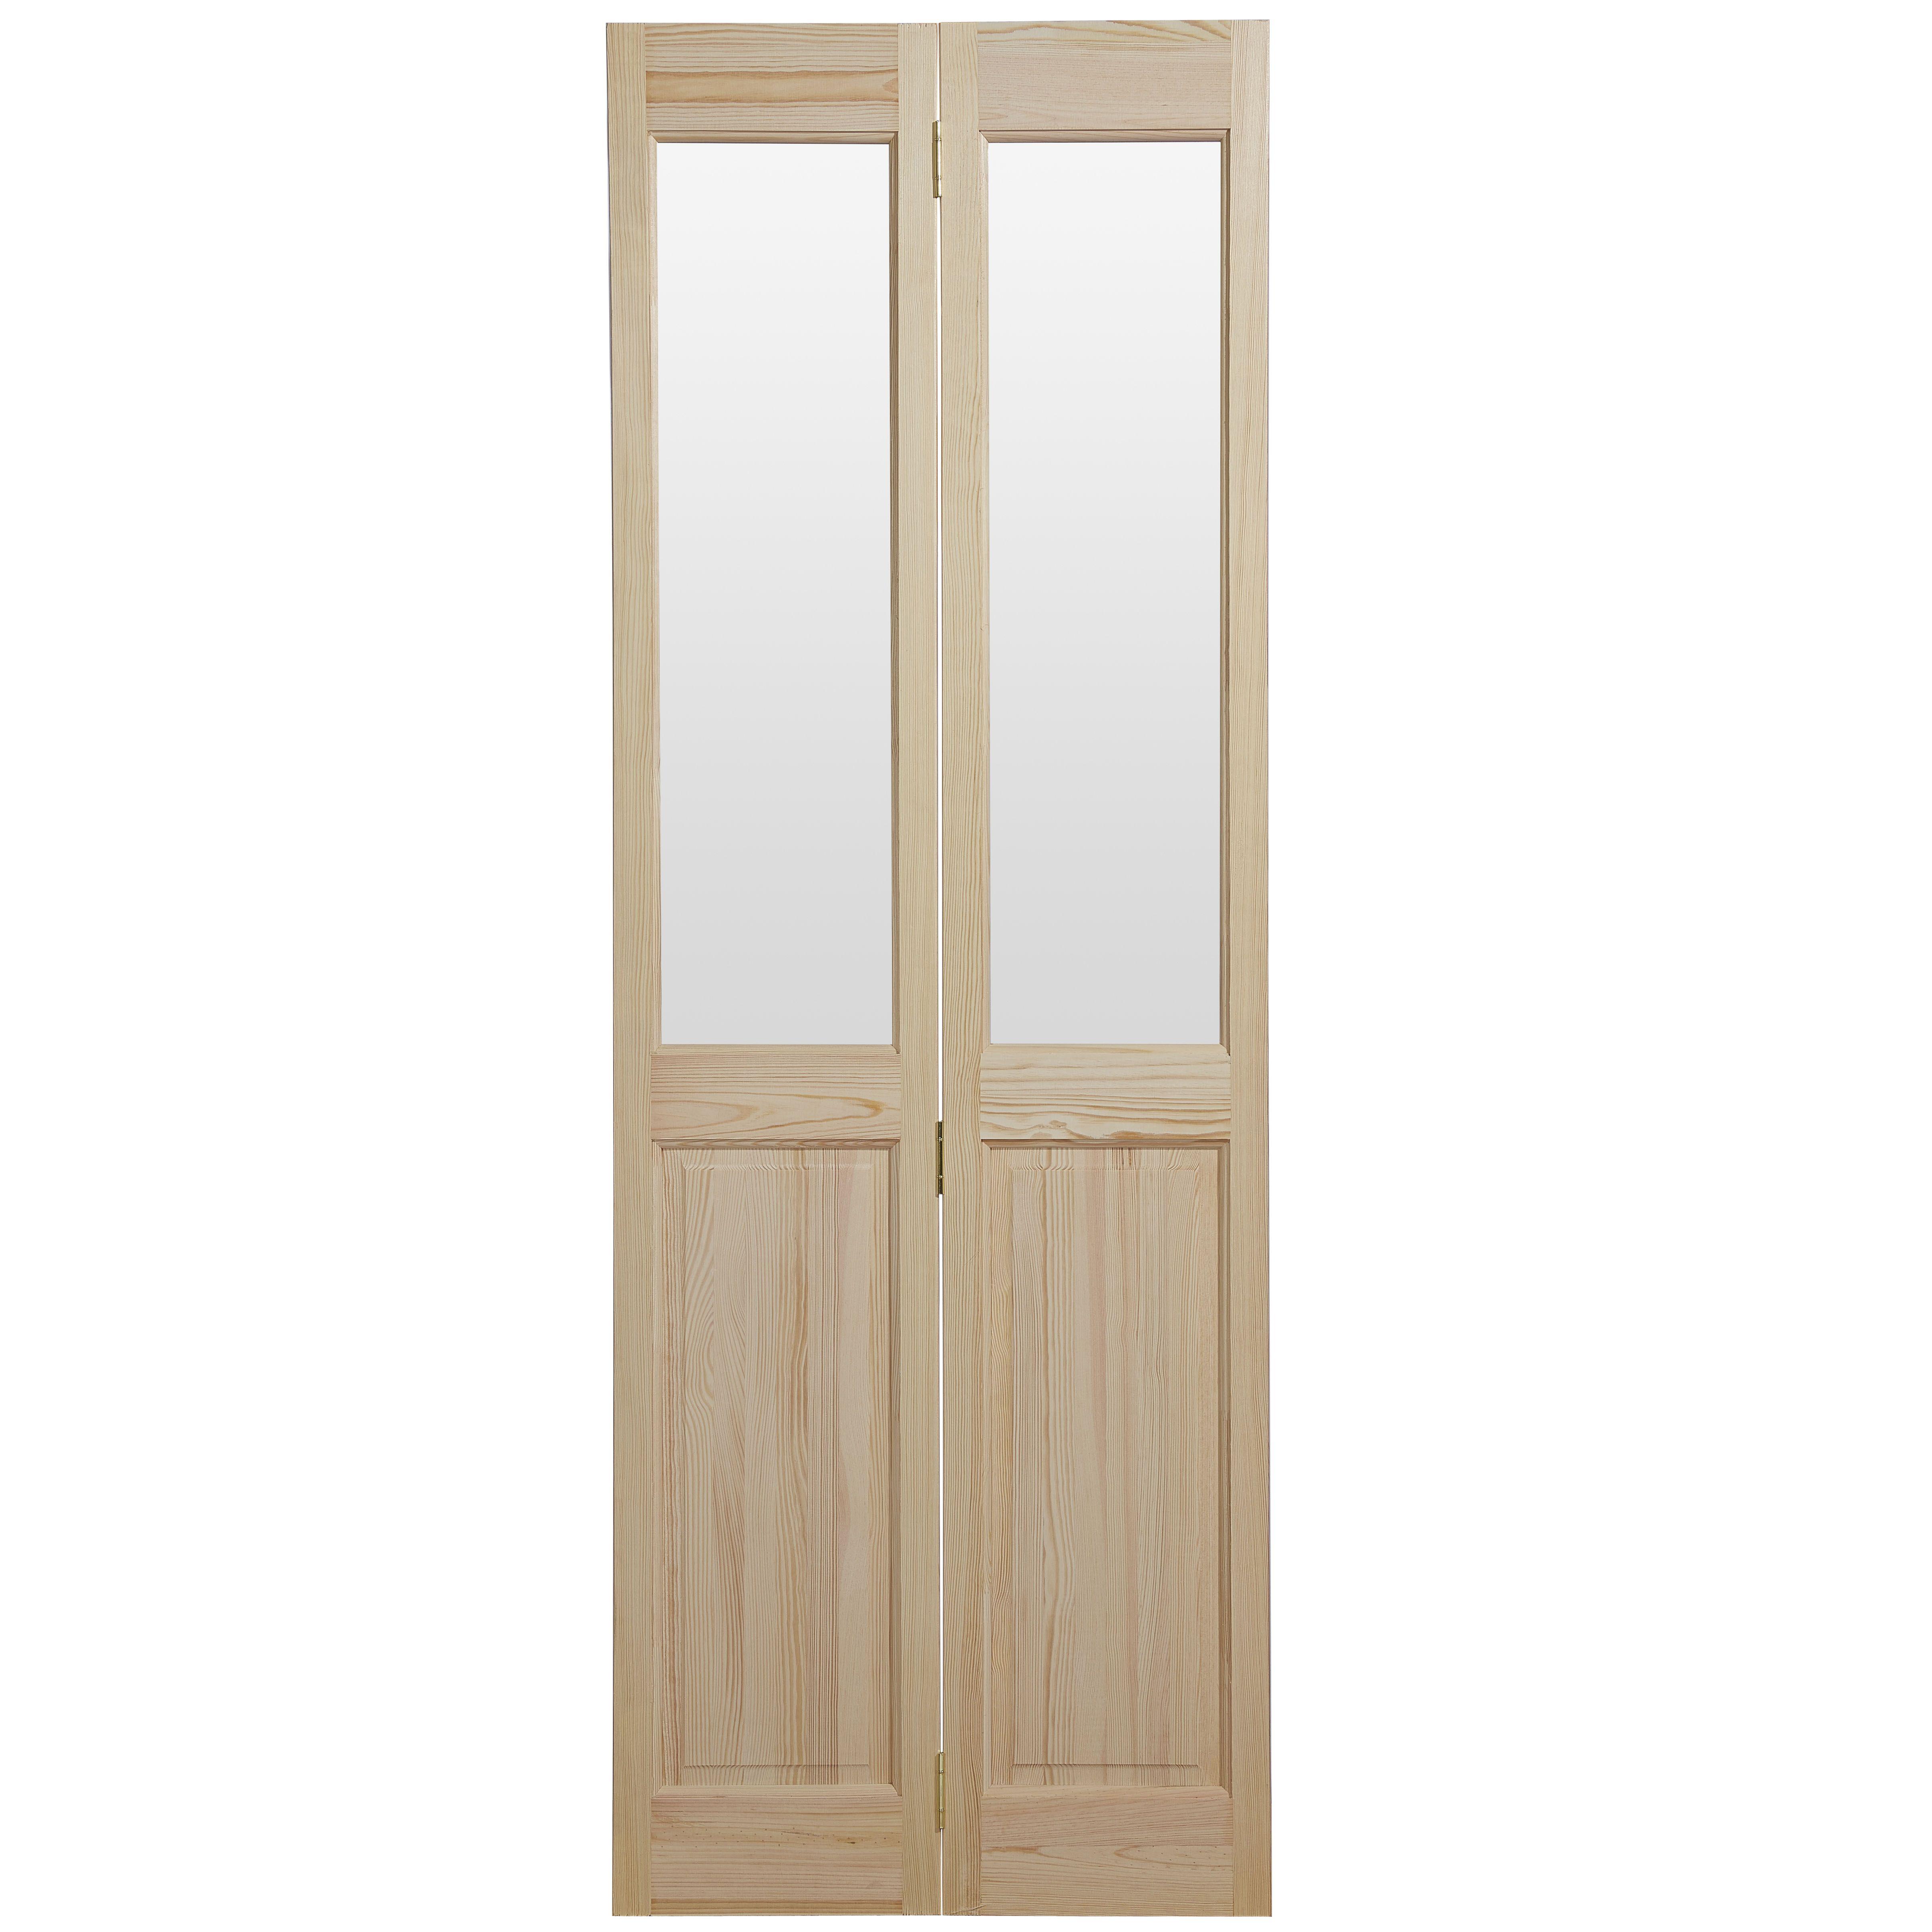 4 Panel Clear Pine Glazed Internal Bi-fold Door, (h)1981mm (w)762mm